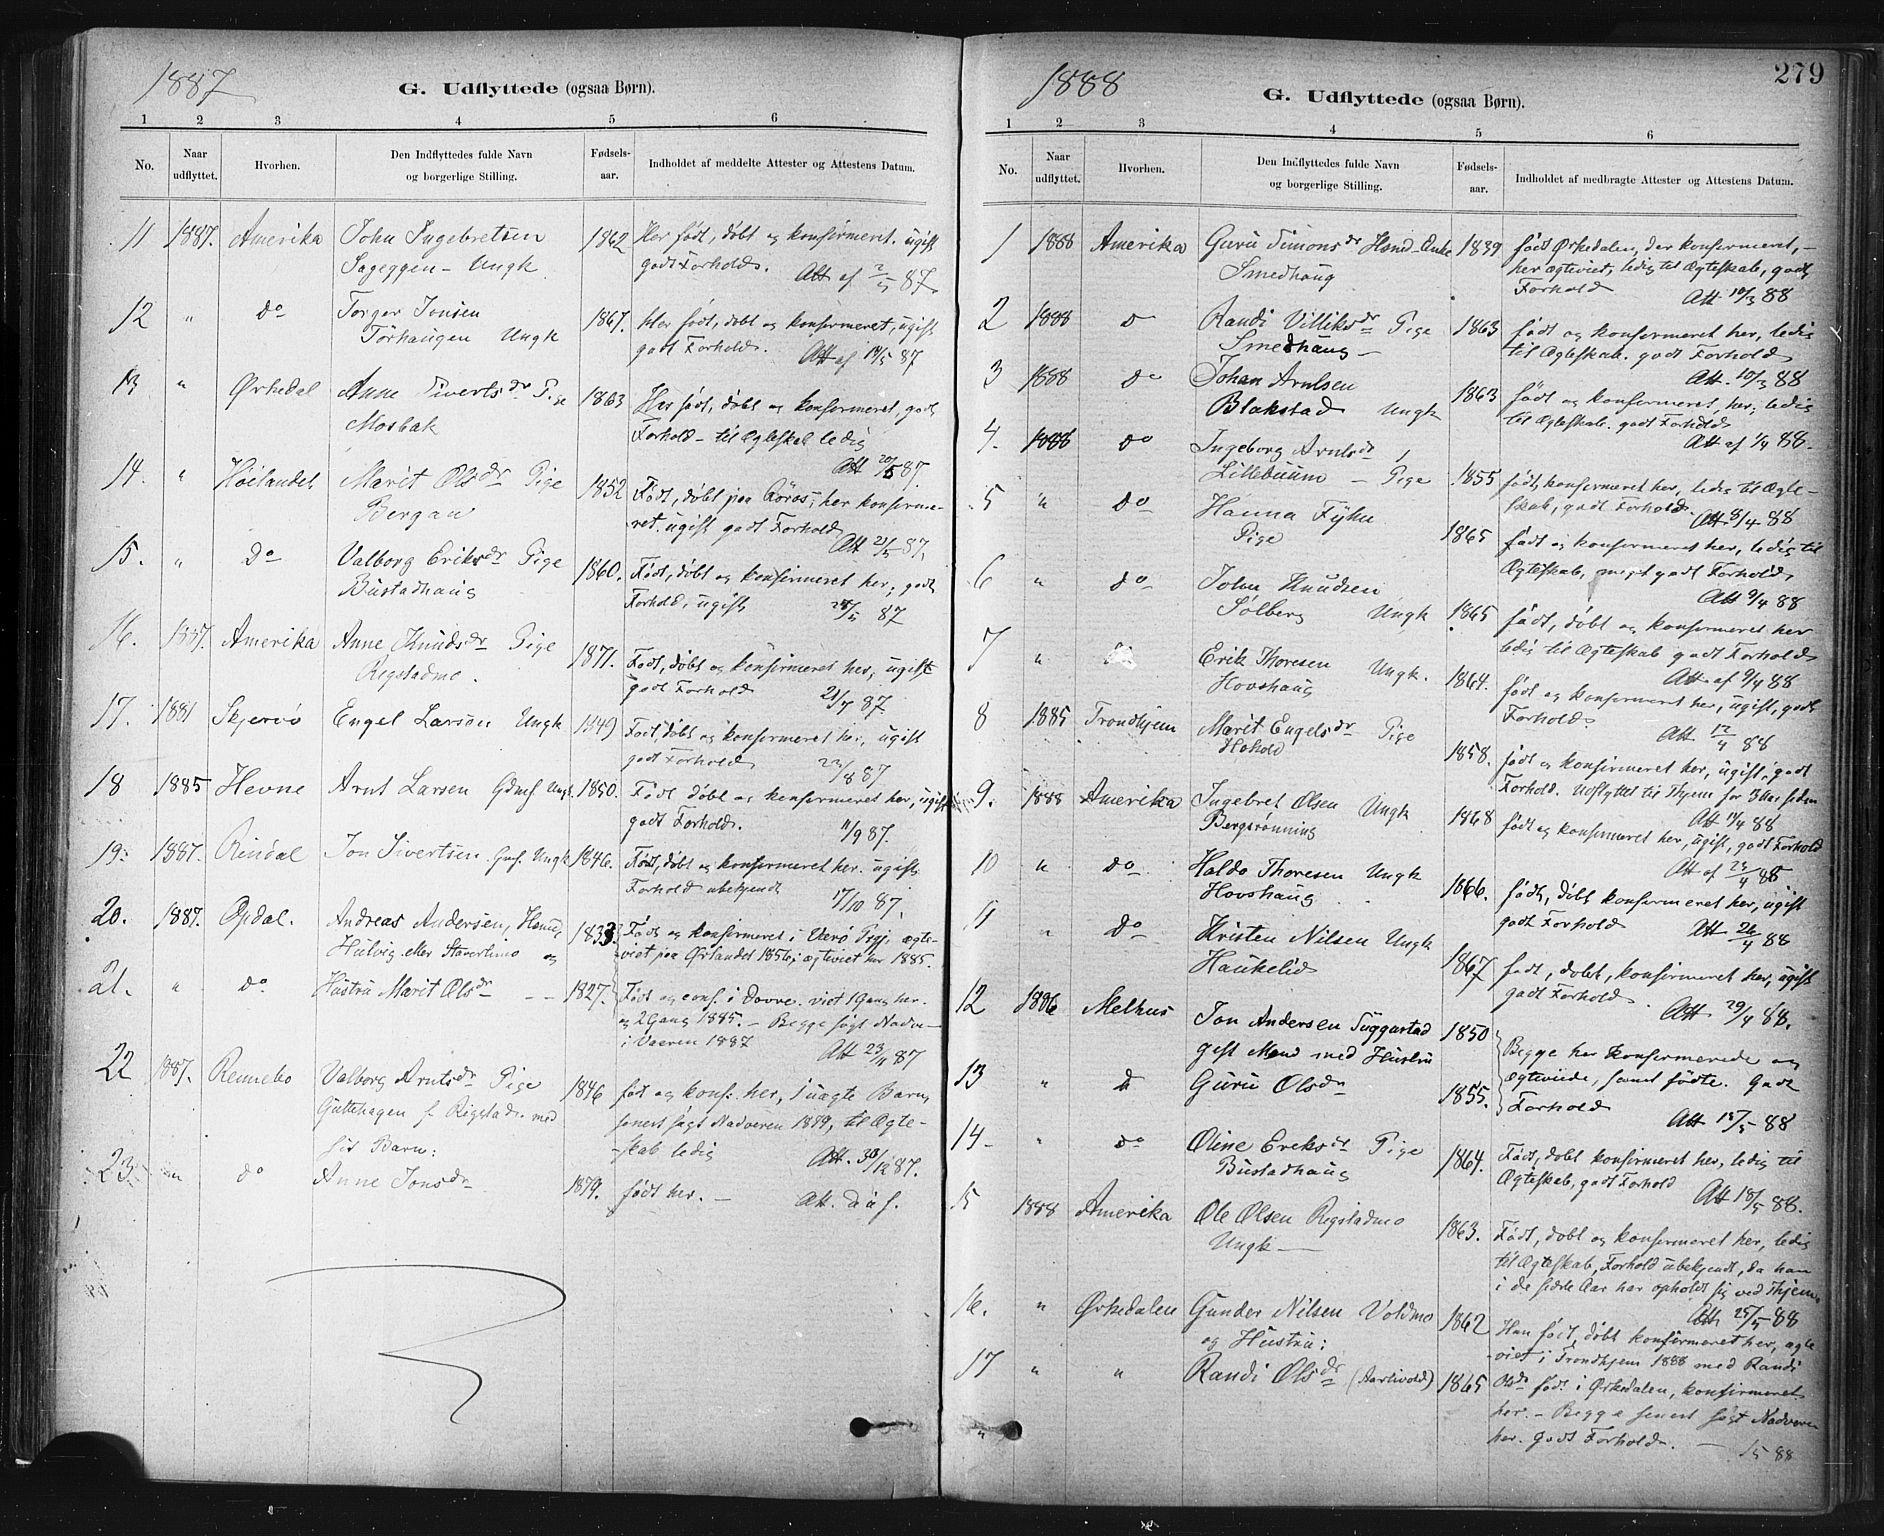 SAT, Ministerialprotokoller, klokkerbøker og fødselsregistre - Sør-Trøndelag, 672/L0857: Ministerialbok nr. 672A09, 1882-1893, s. 279